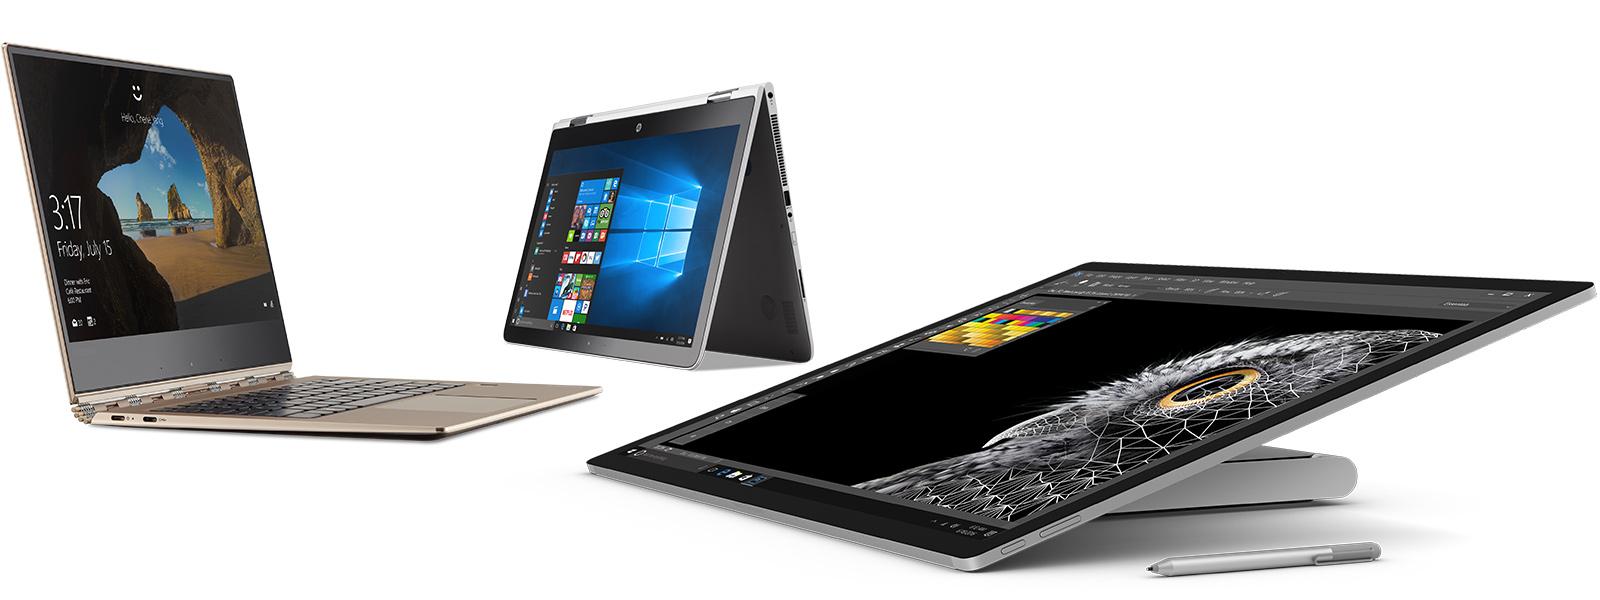 port tiles pc tabletas 2 en 1 tel fonos y equipos de escritorio microsoft windows 10. Black Bedroom Furniture Sets. Home Design Ideas